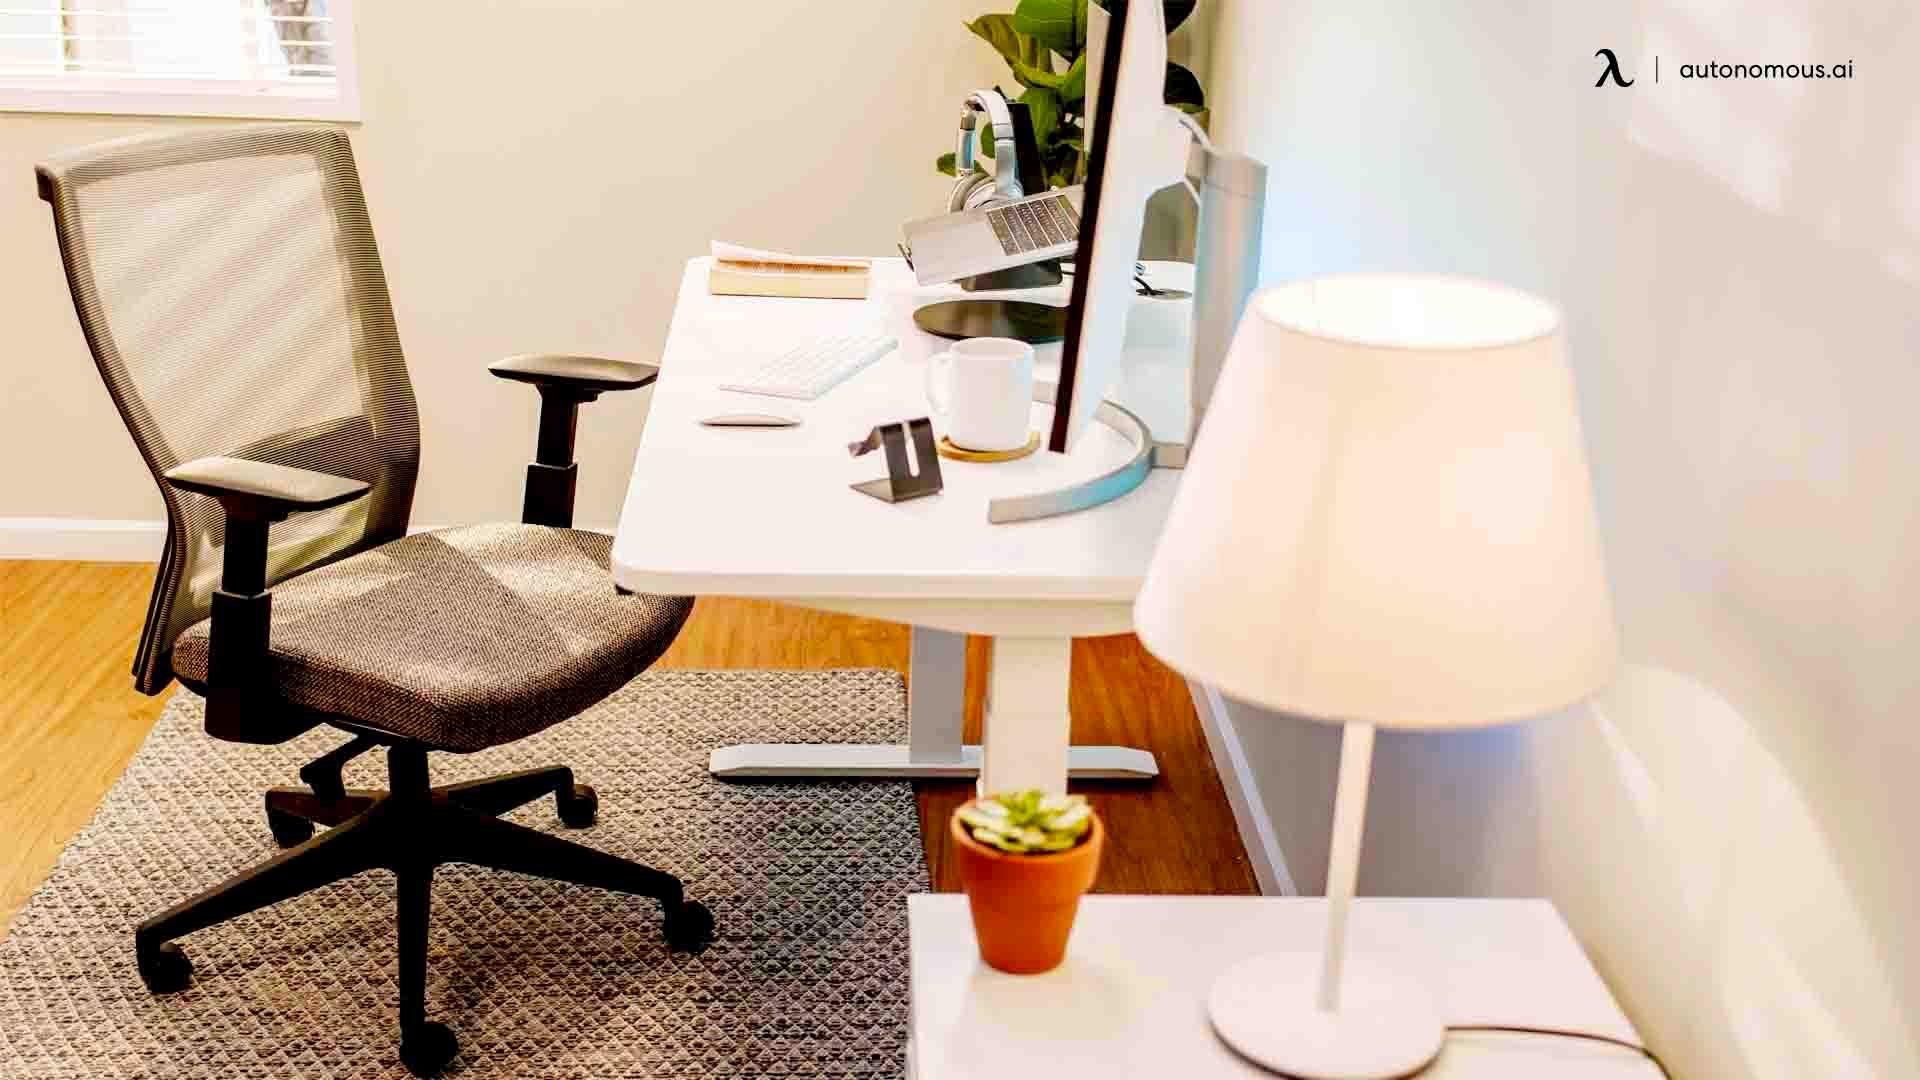 consider ergonomic chairs